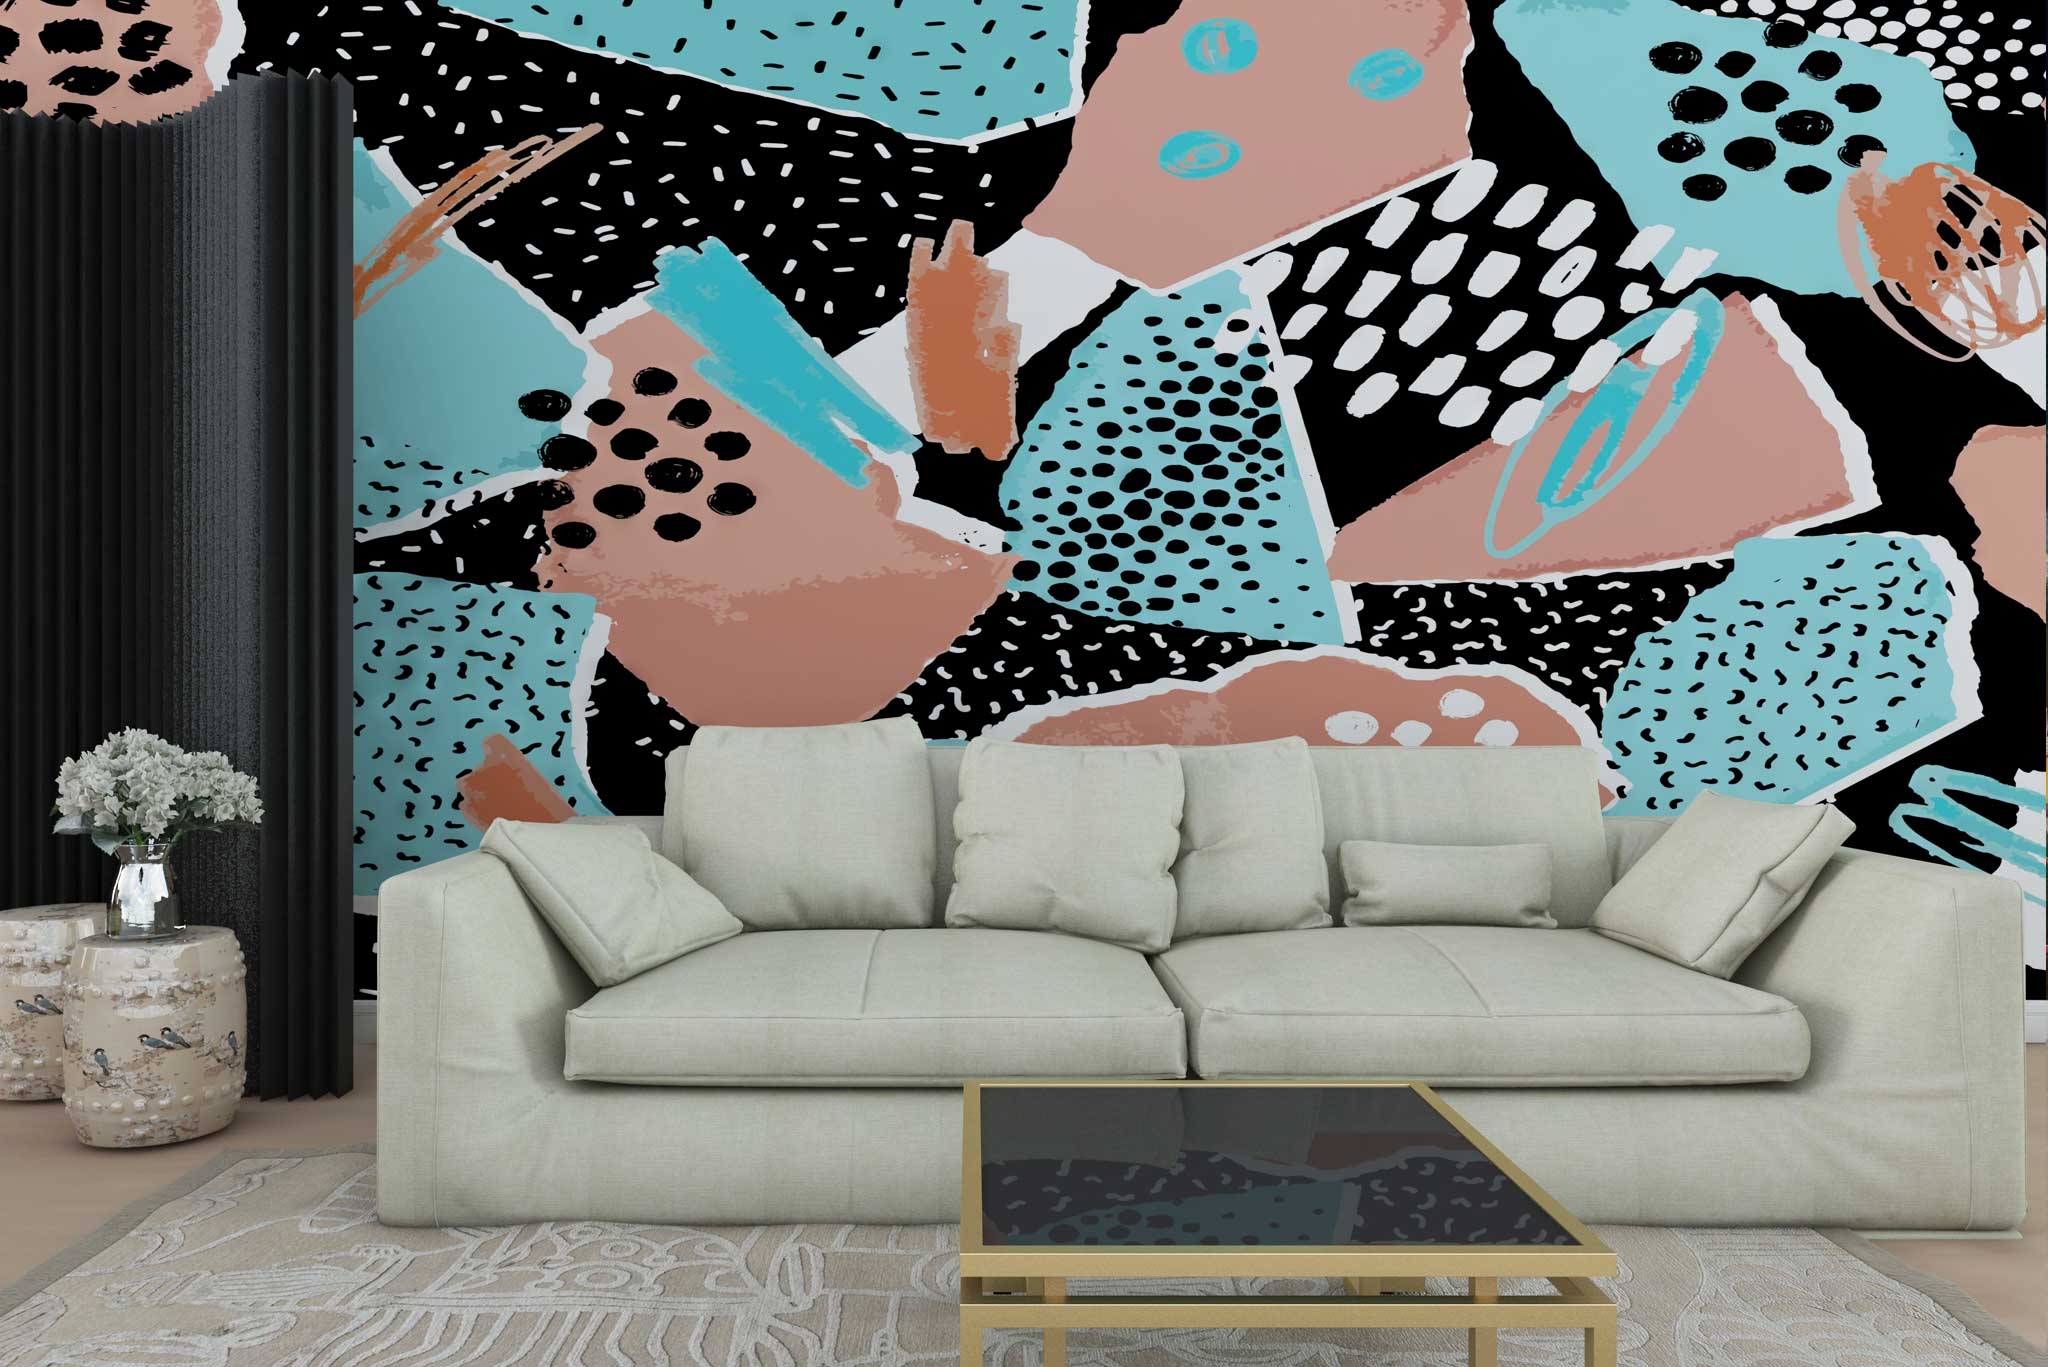 tapet-fototapet-personalizat-comanda-bucuresti-pictura-abstracta-roz-bleu-negru-perete-lux-special